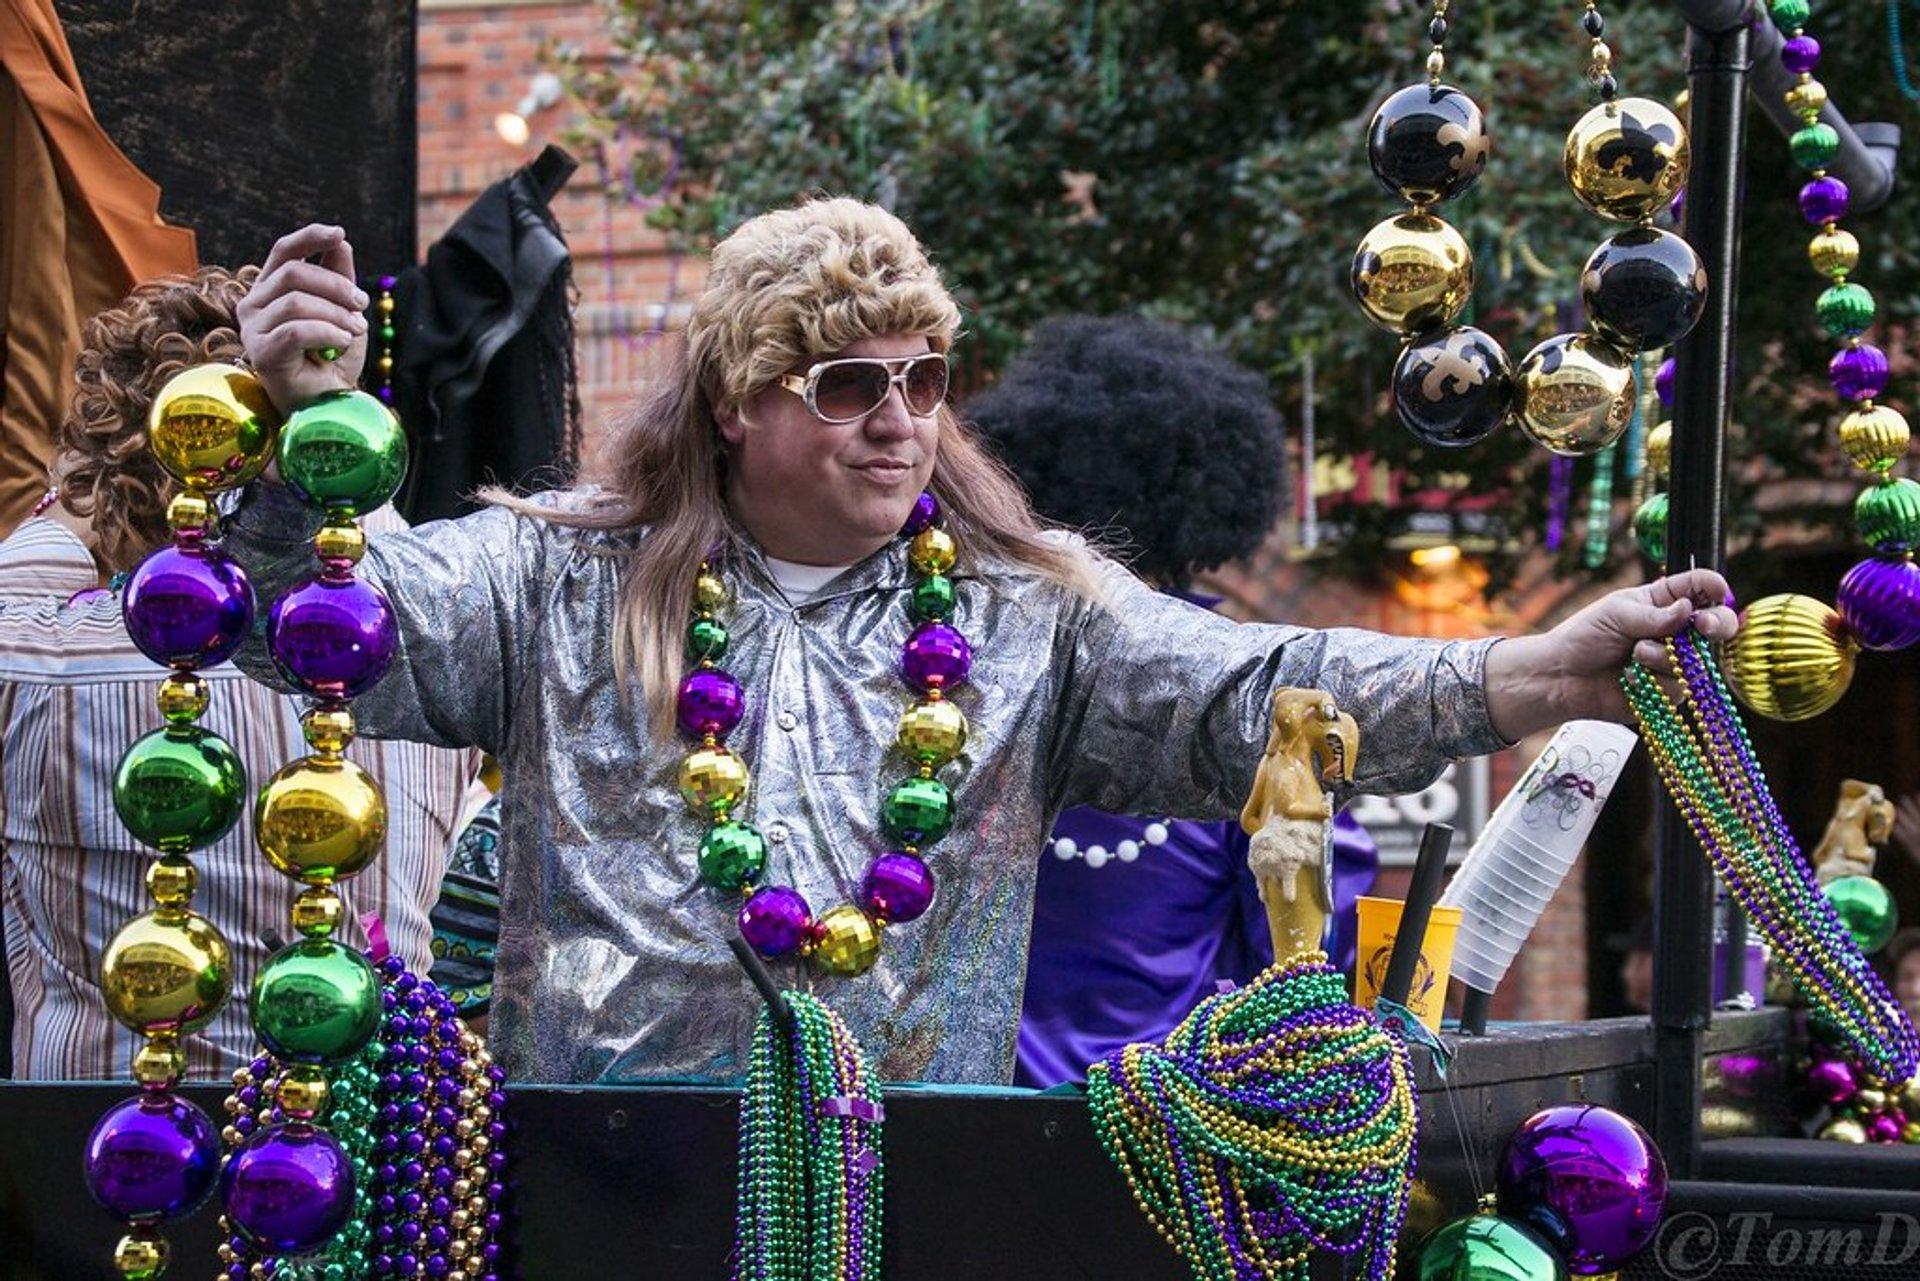 Mardi Gras parade in Pensacola, Florida 2020